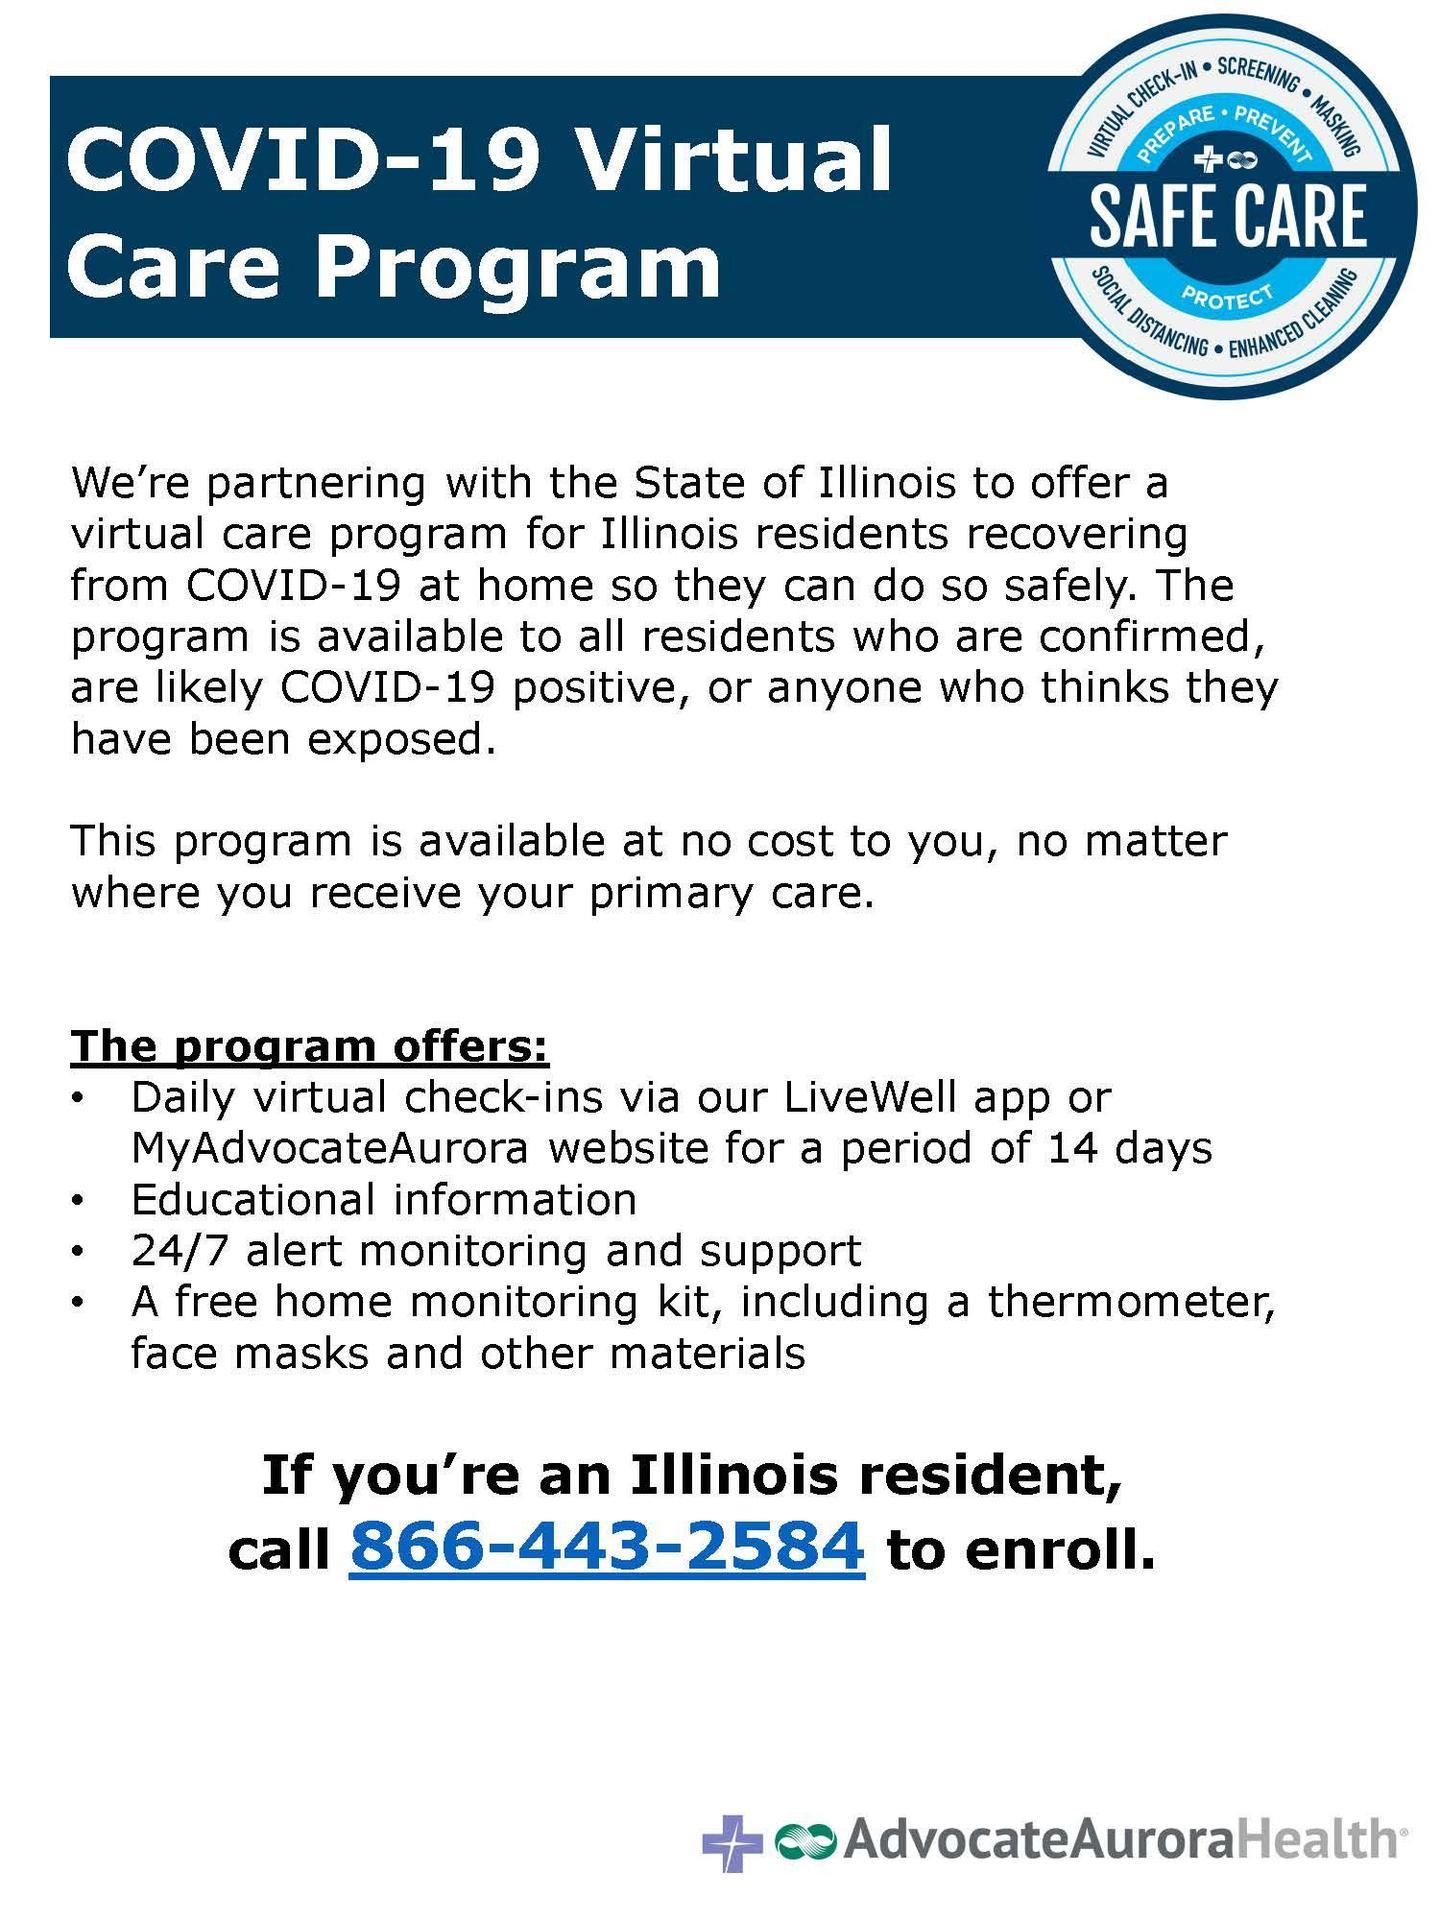 COVID 19 Virtual Care Program